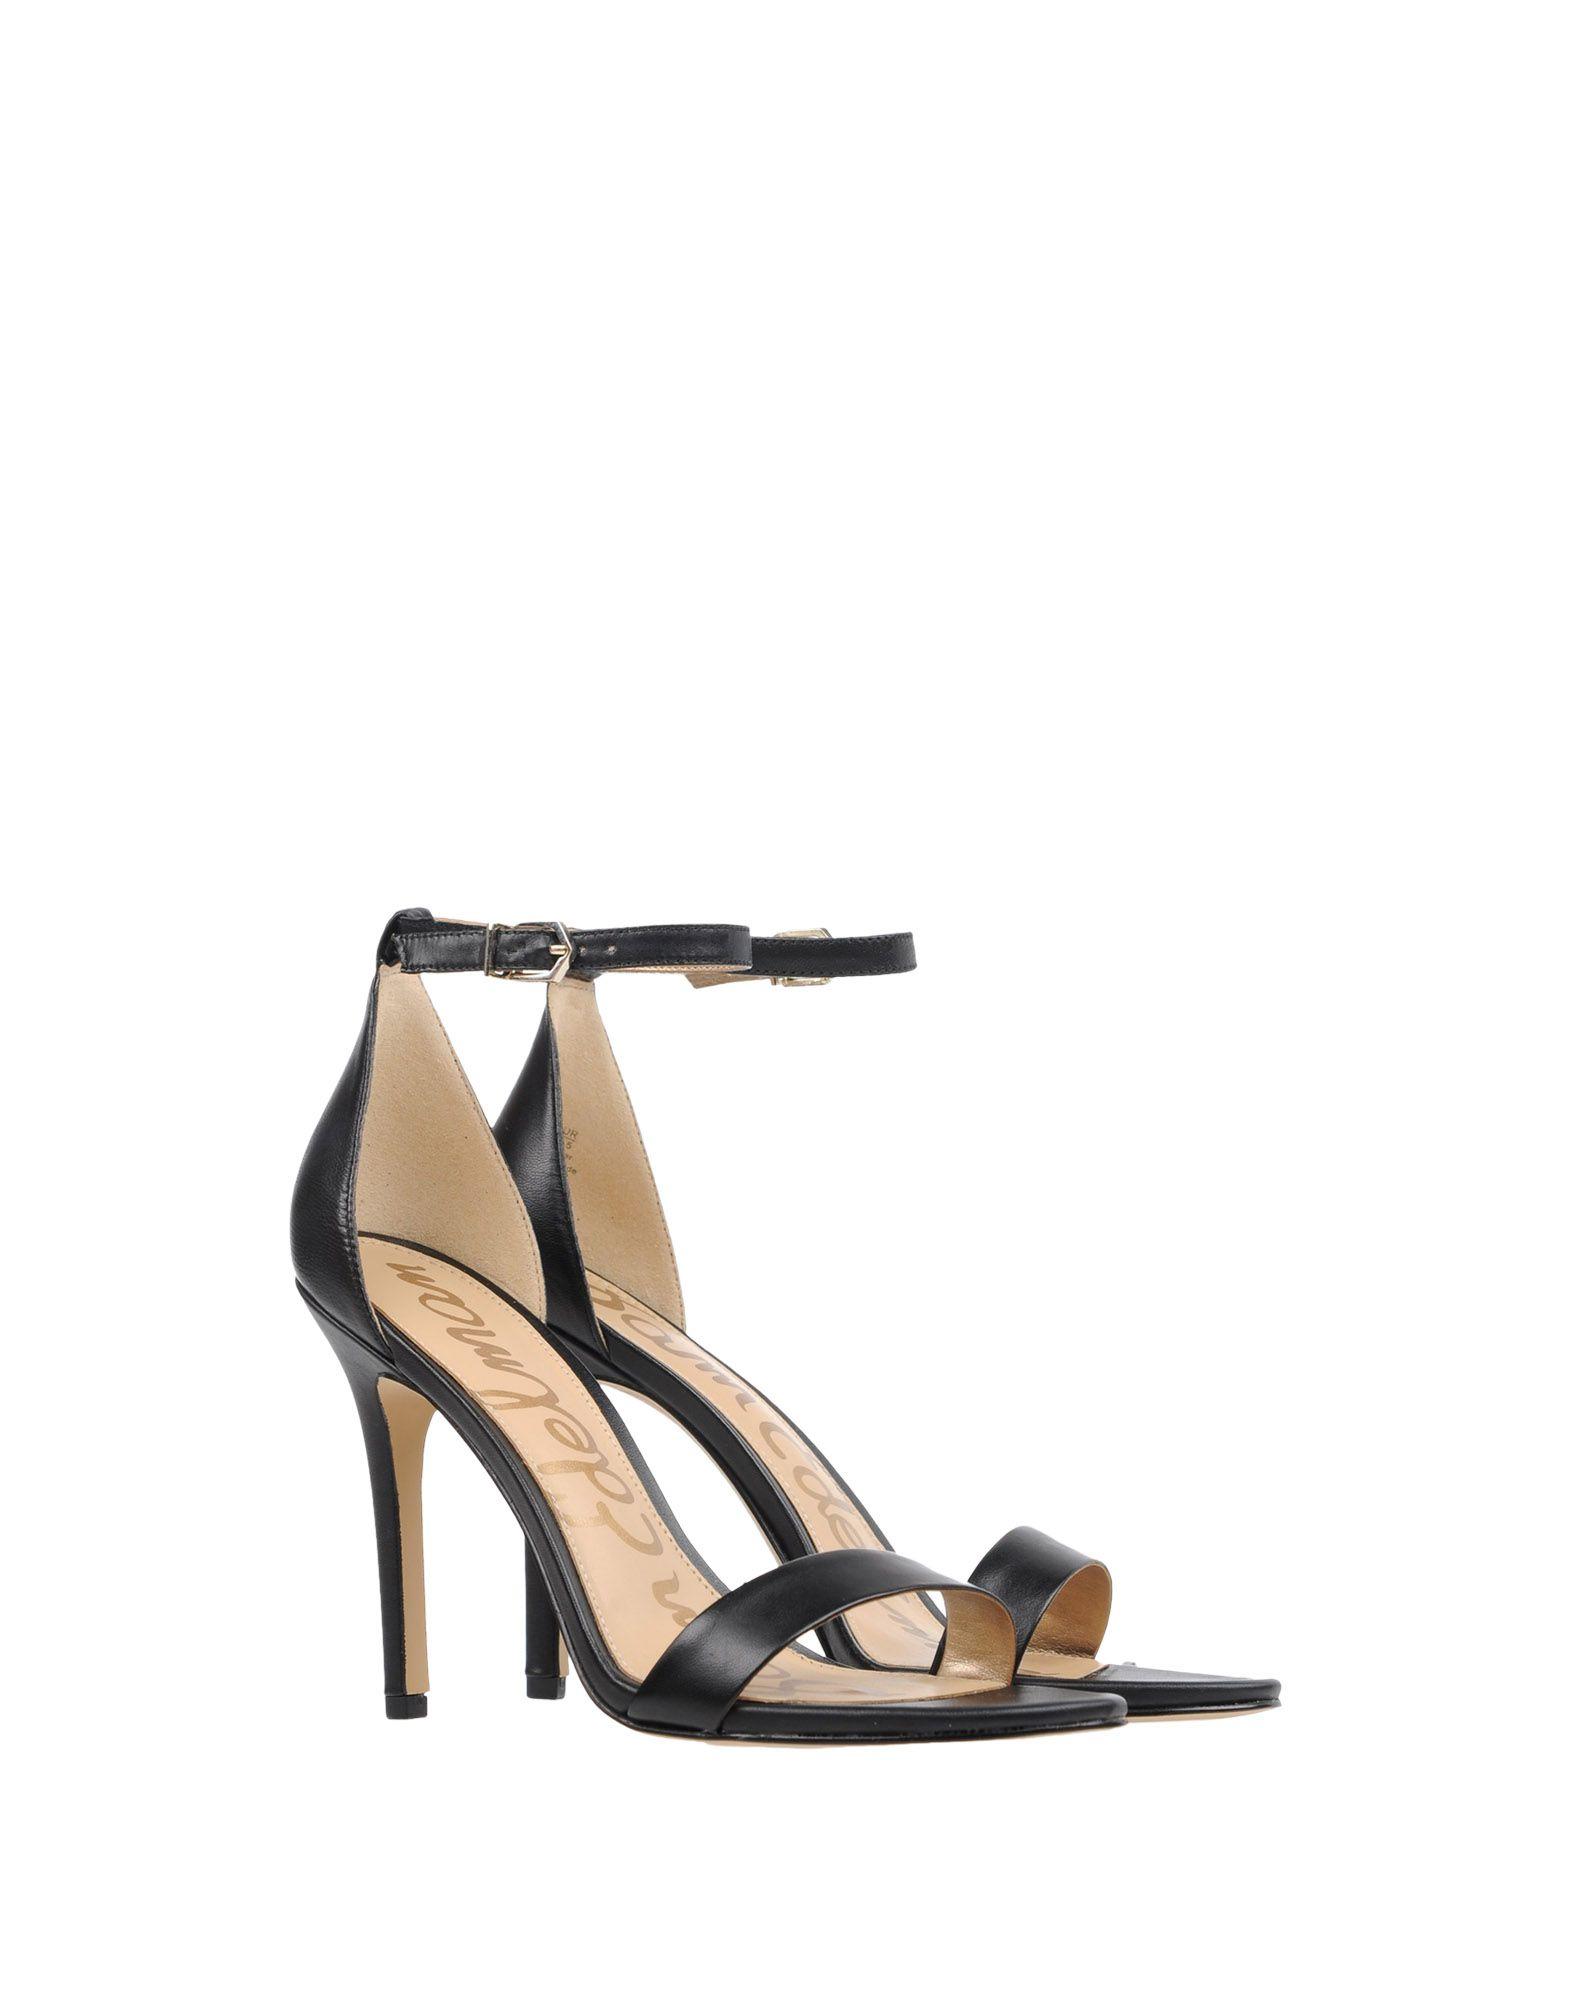 Sam Edelman Gute Sandalen Damen  11339867QV Gute Edelman Qualität beliebte Schuhe 3f8662